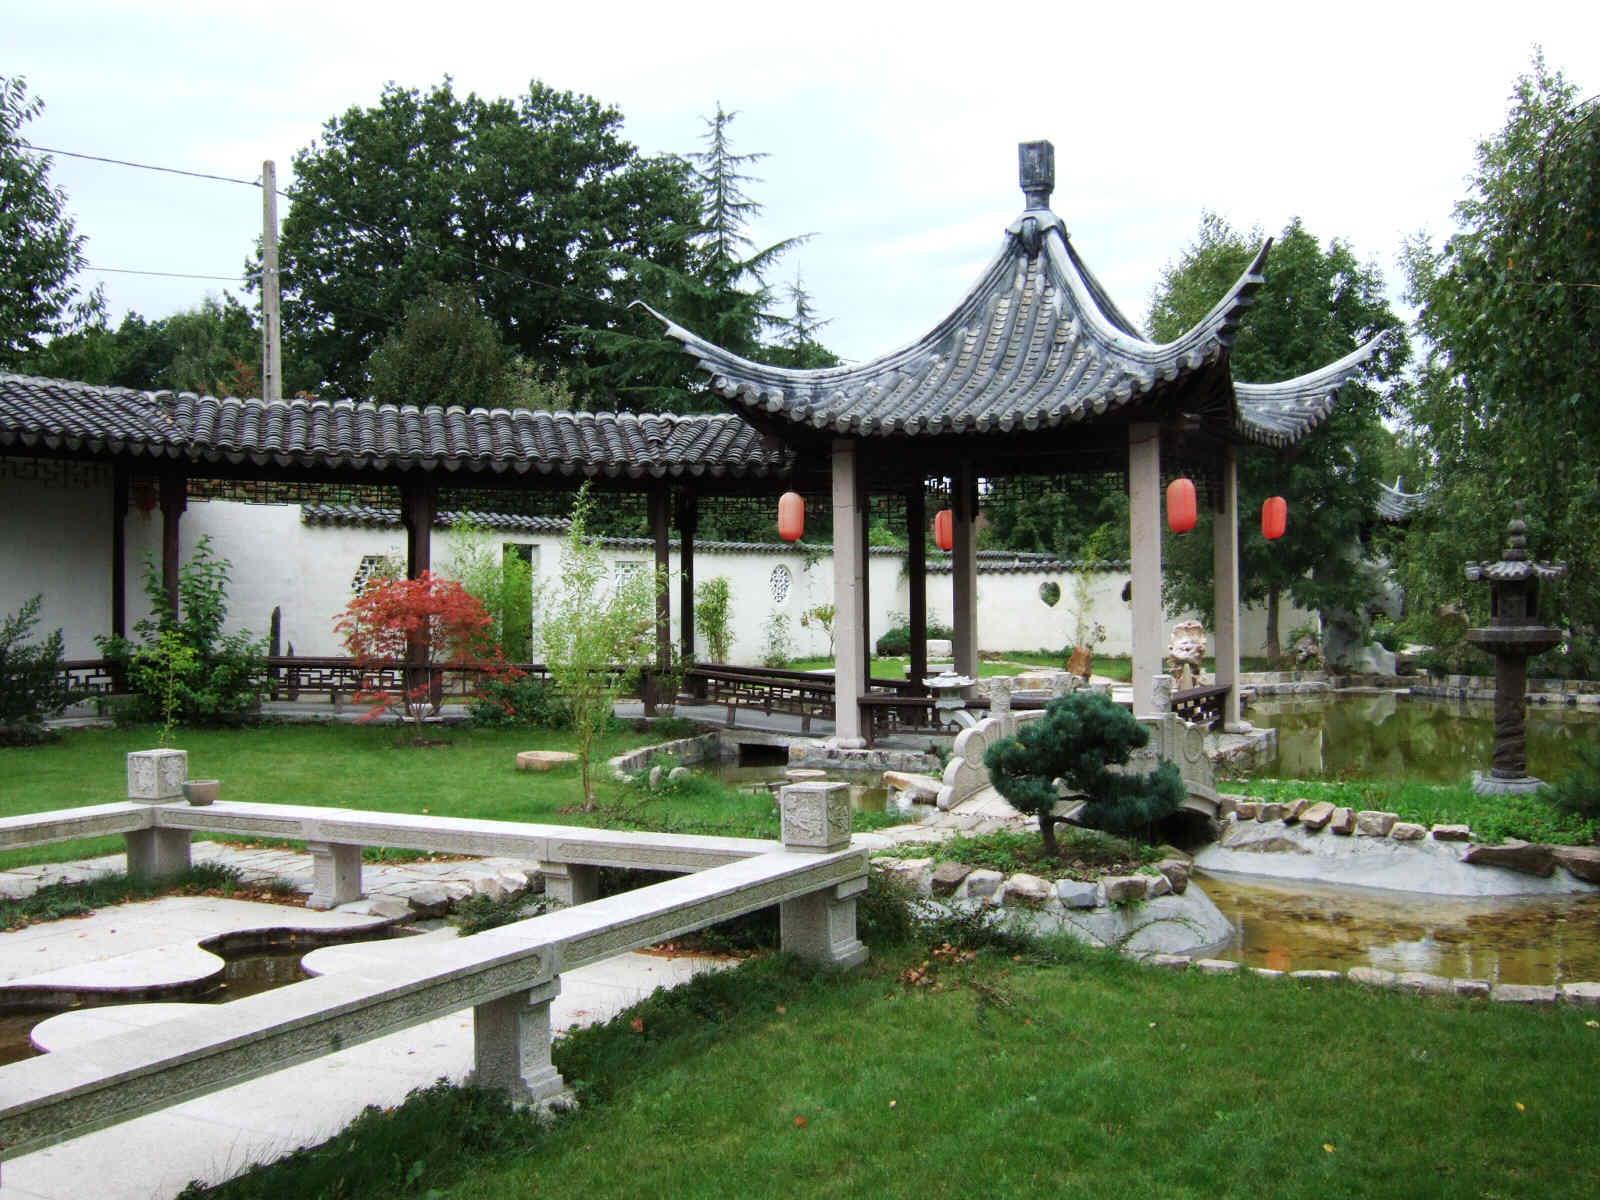 Jardin Yili Sept 2006